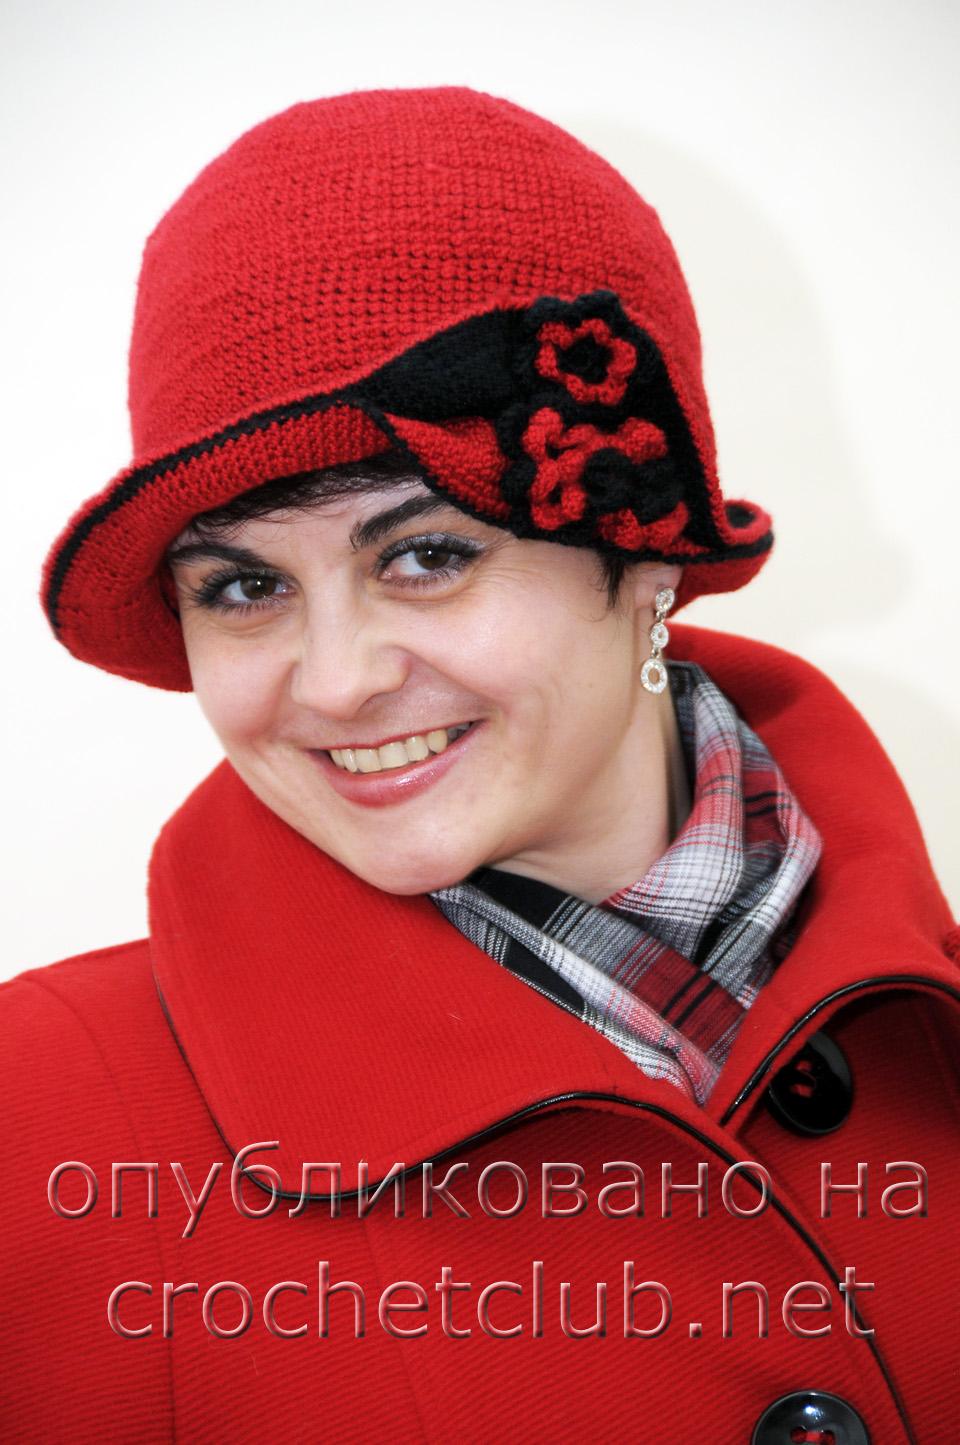 элегантная шляпка связанная крючком вязание крючком блог настика